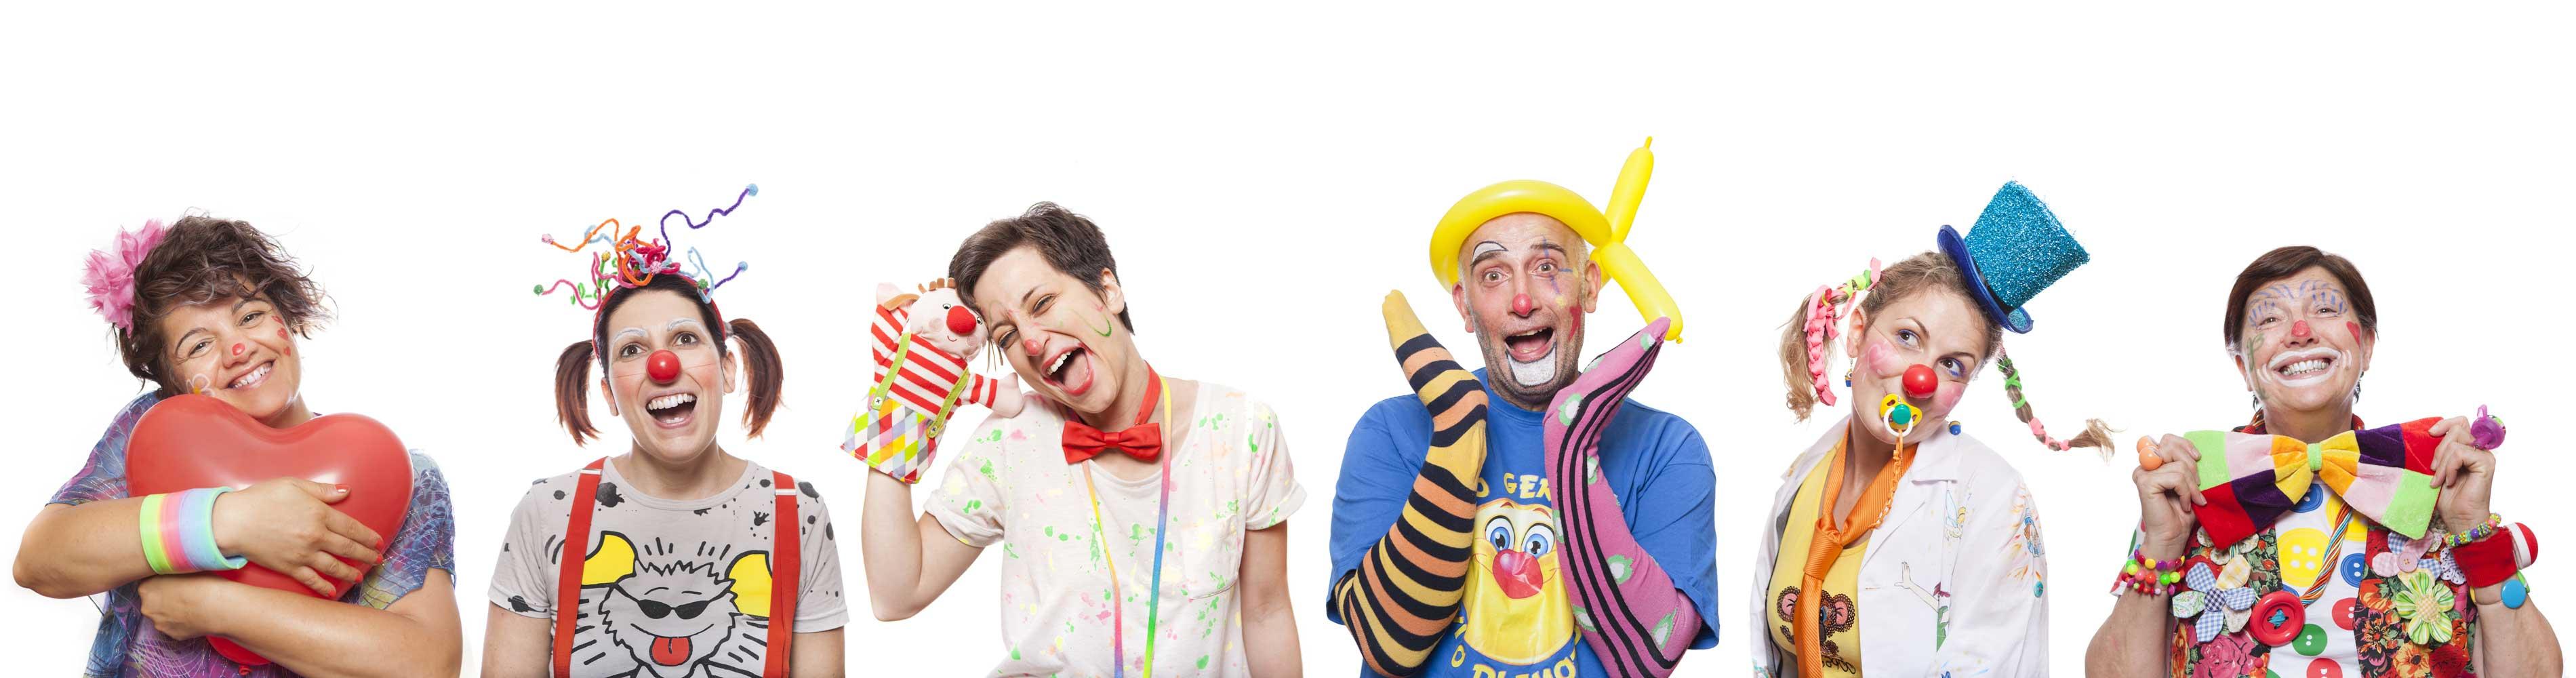 Clown Sociali associazione Stringhe Colorate Como